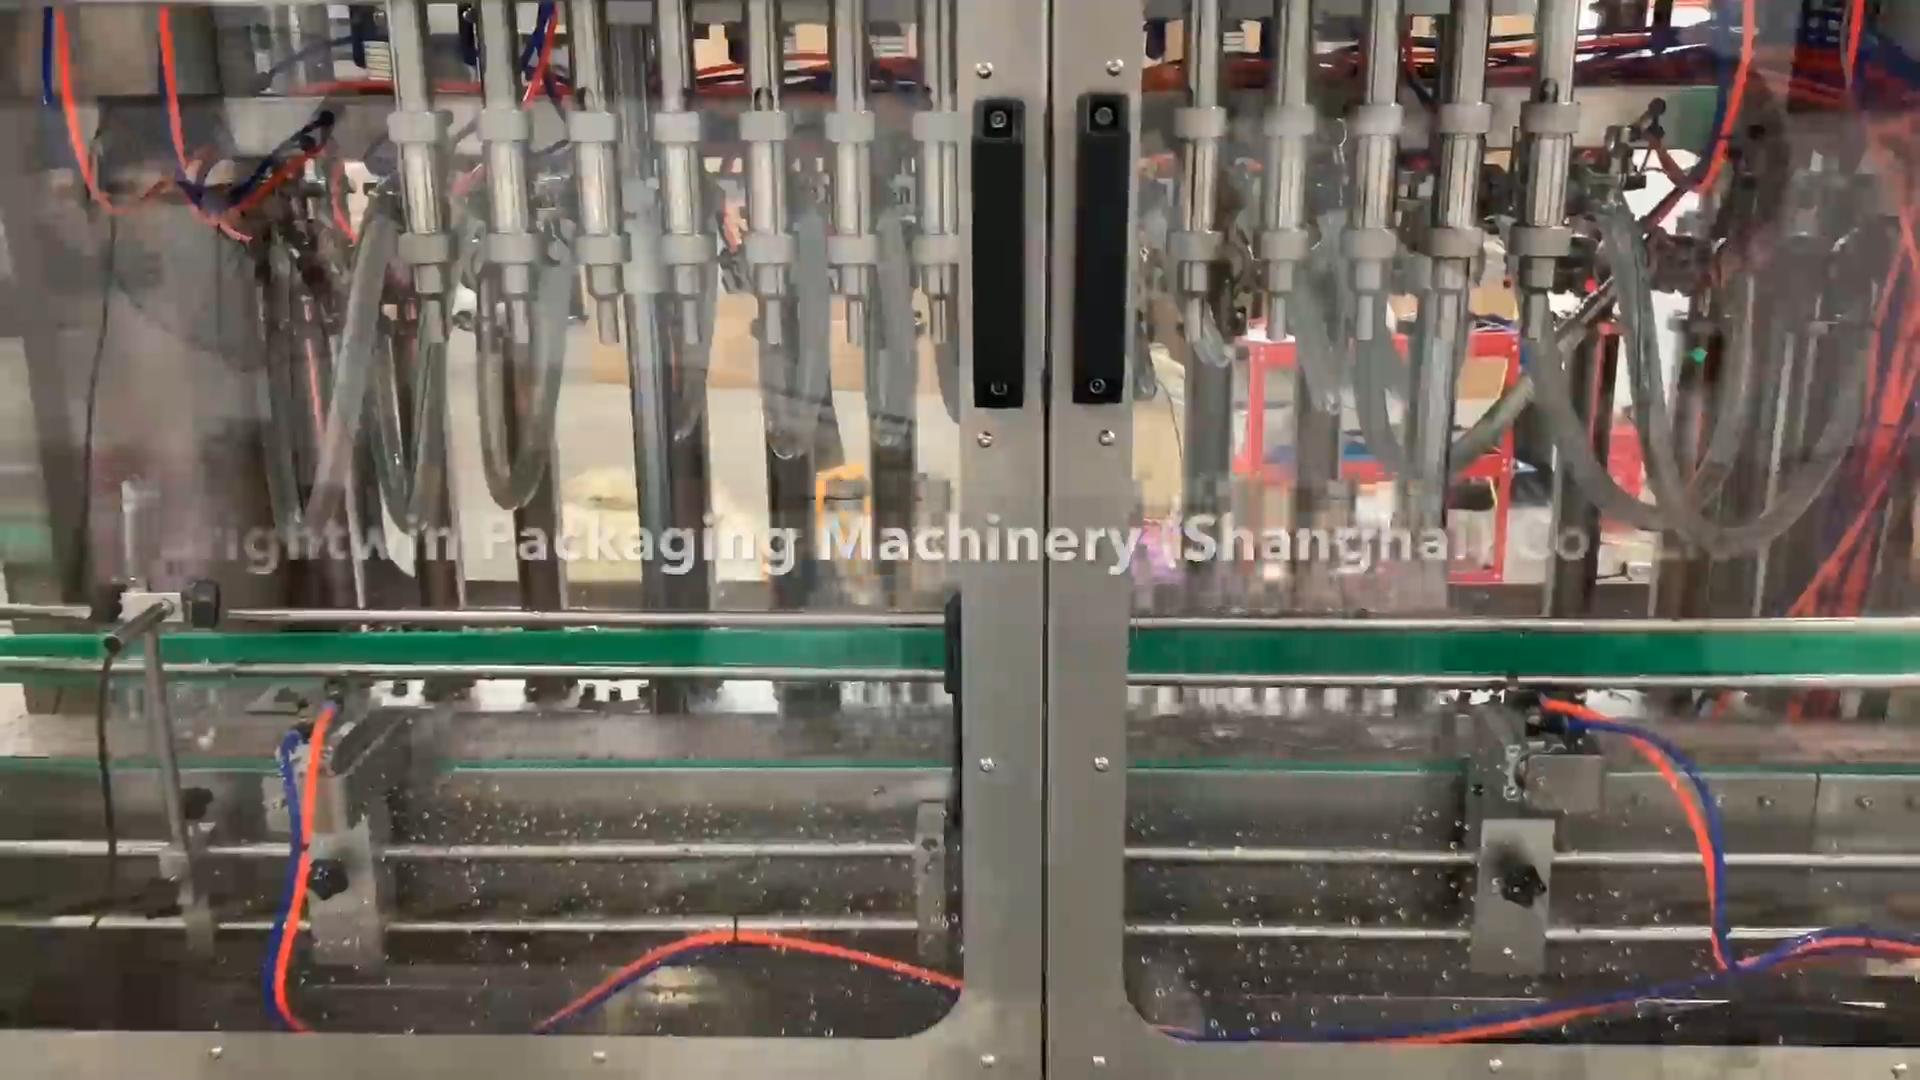 Produttore di vari liquidi, di spessore liquido, liquido viscoso riempimento tappatura ed etichettatura macchina